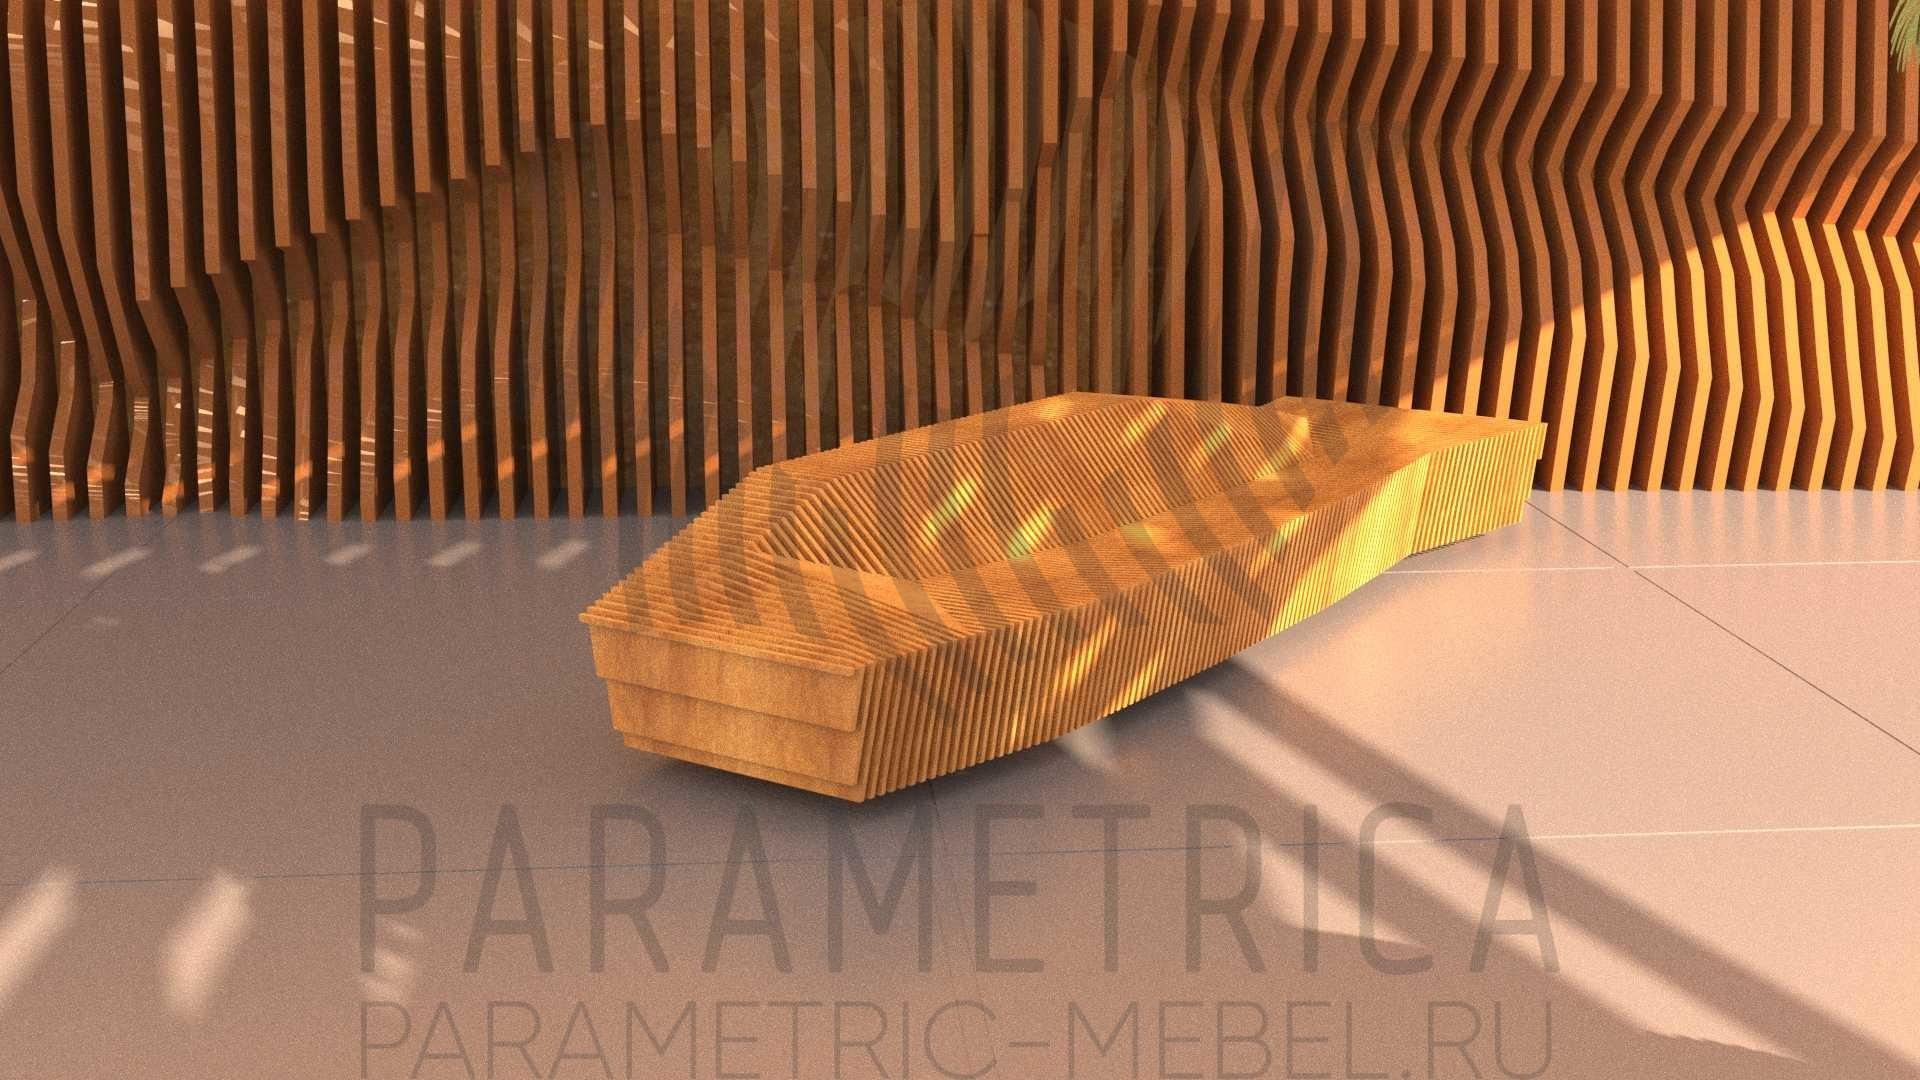 Параметрическая скамья STARHIP